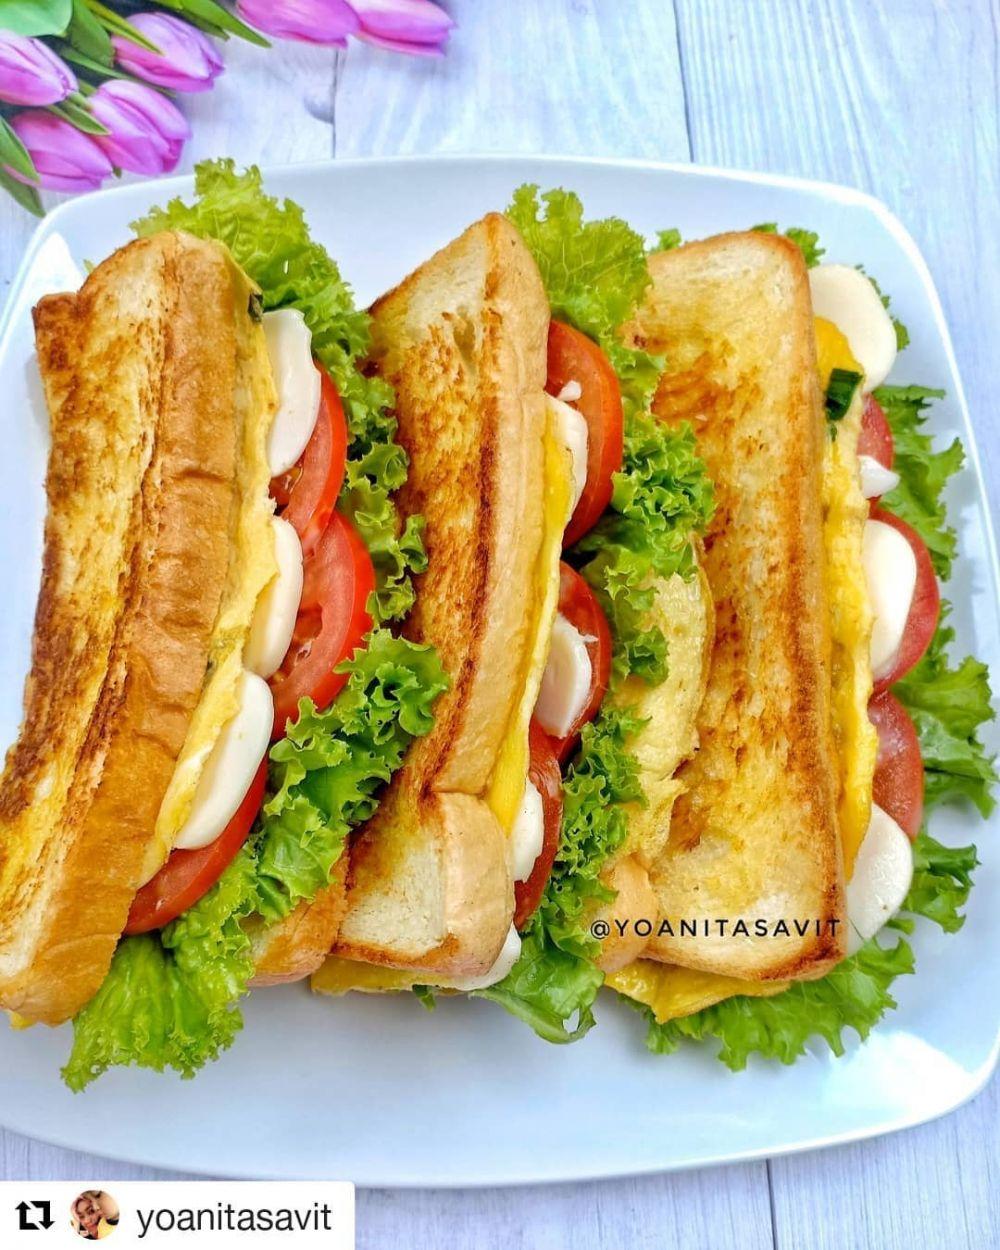 Resep sandwich paling menggugah selera Instagram